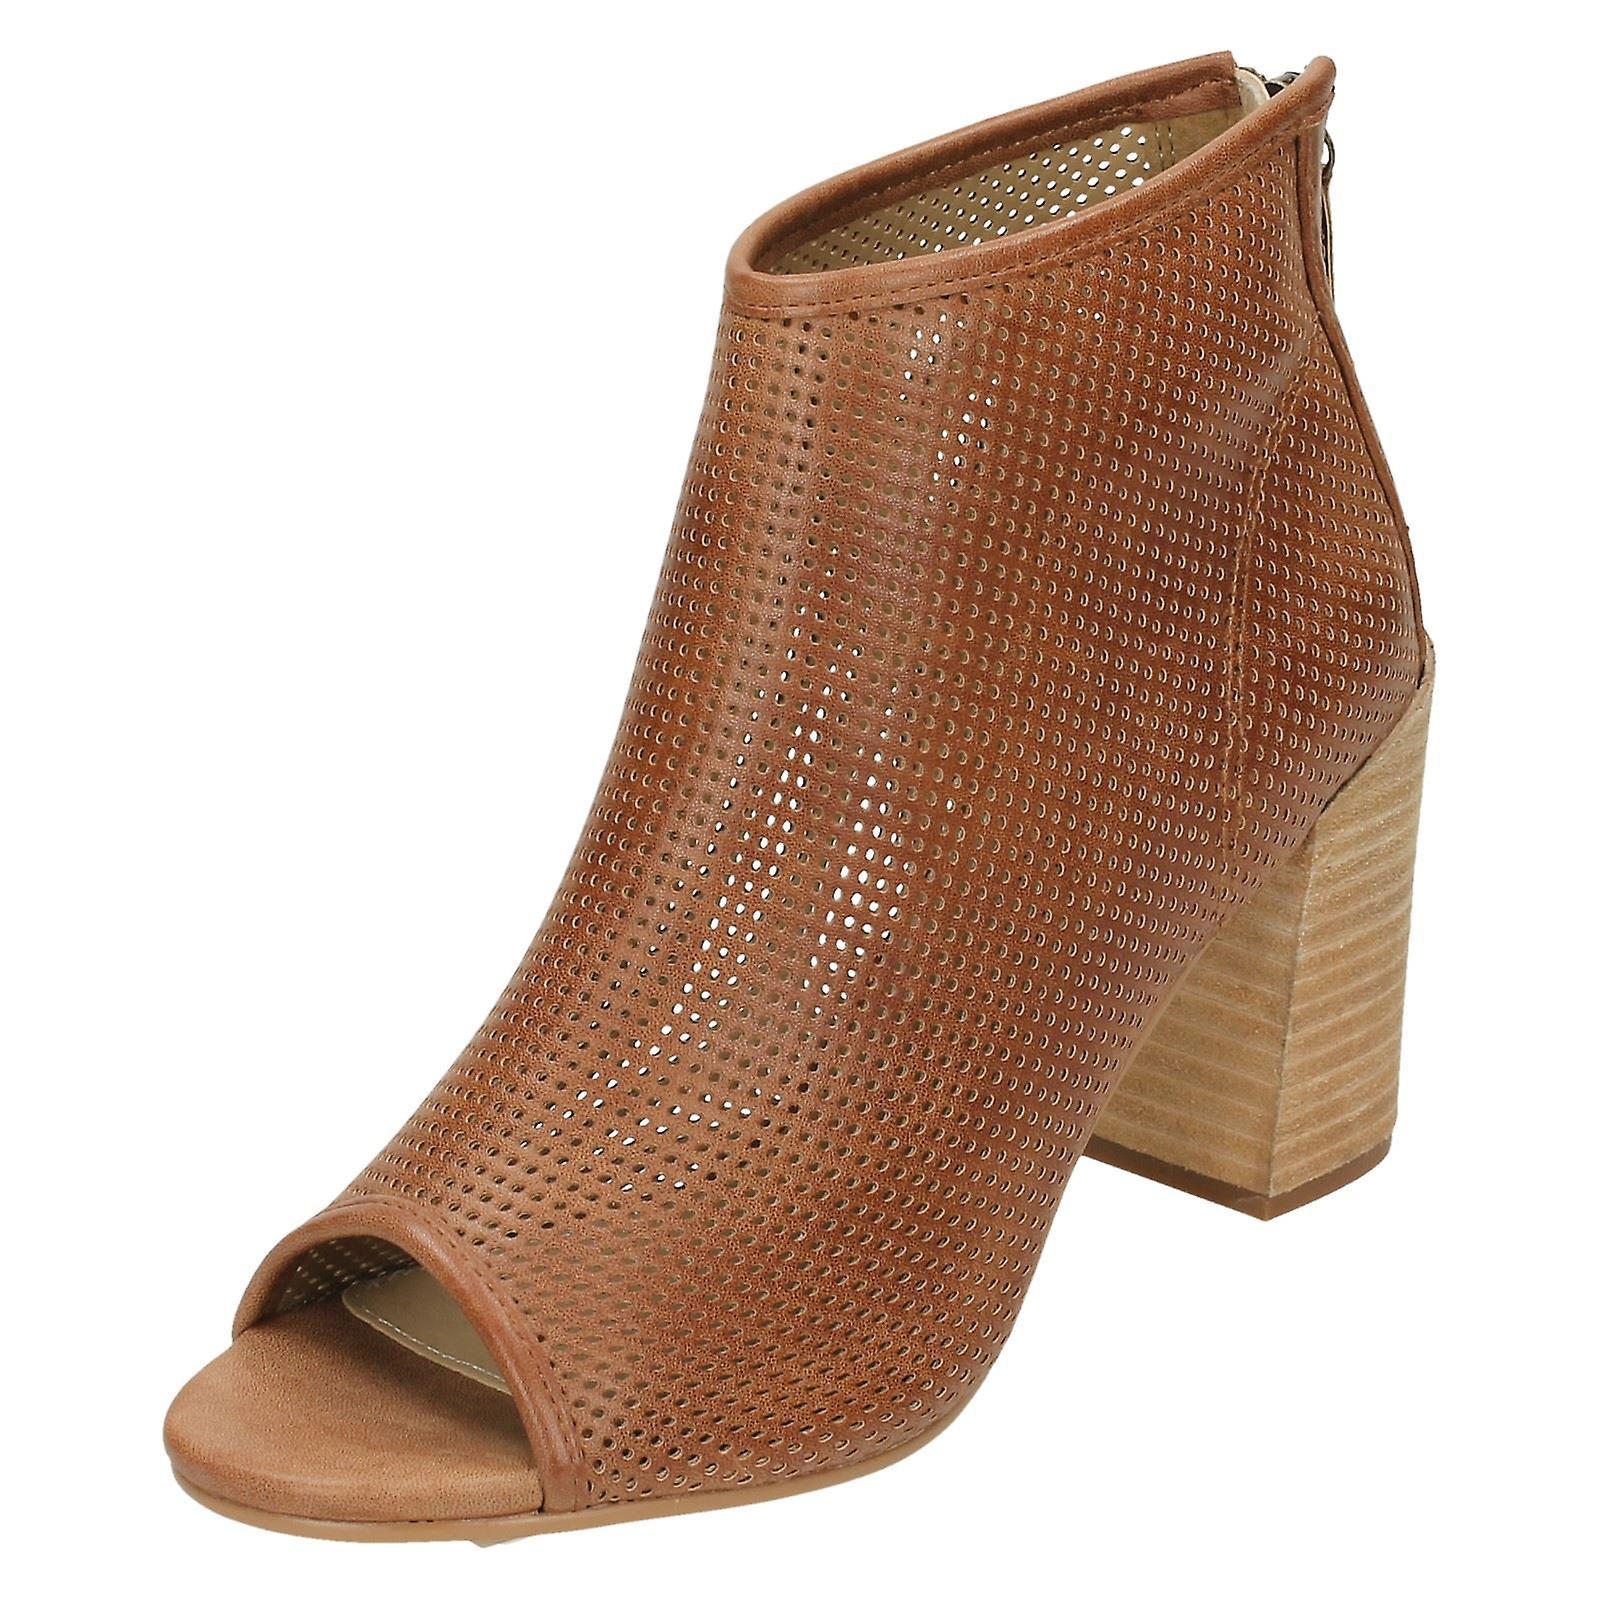 Ladies Savannah Perforated Peep Toe Ankle Boots F10598